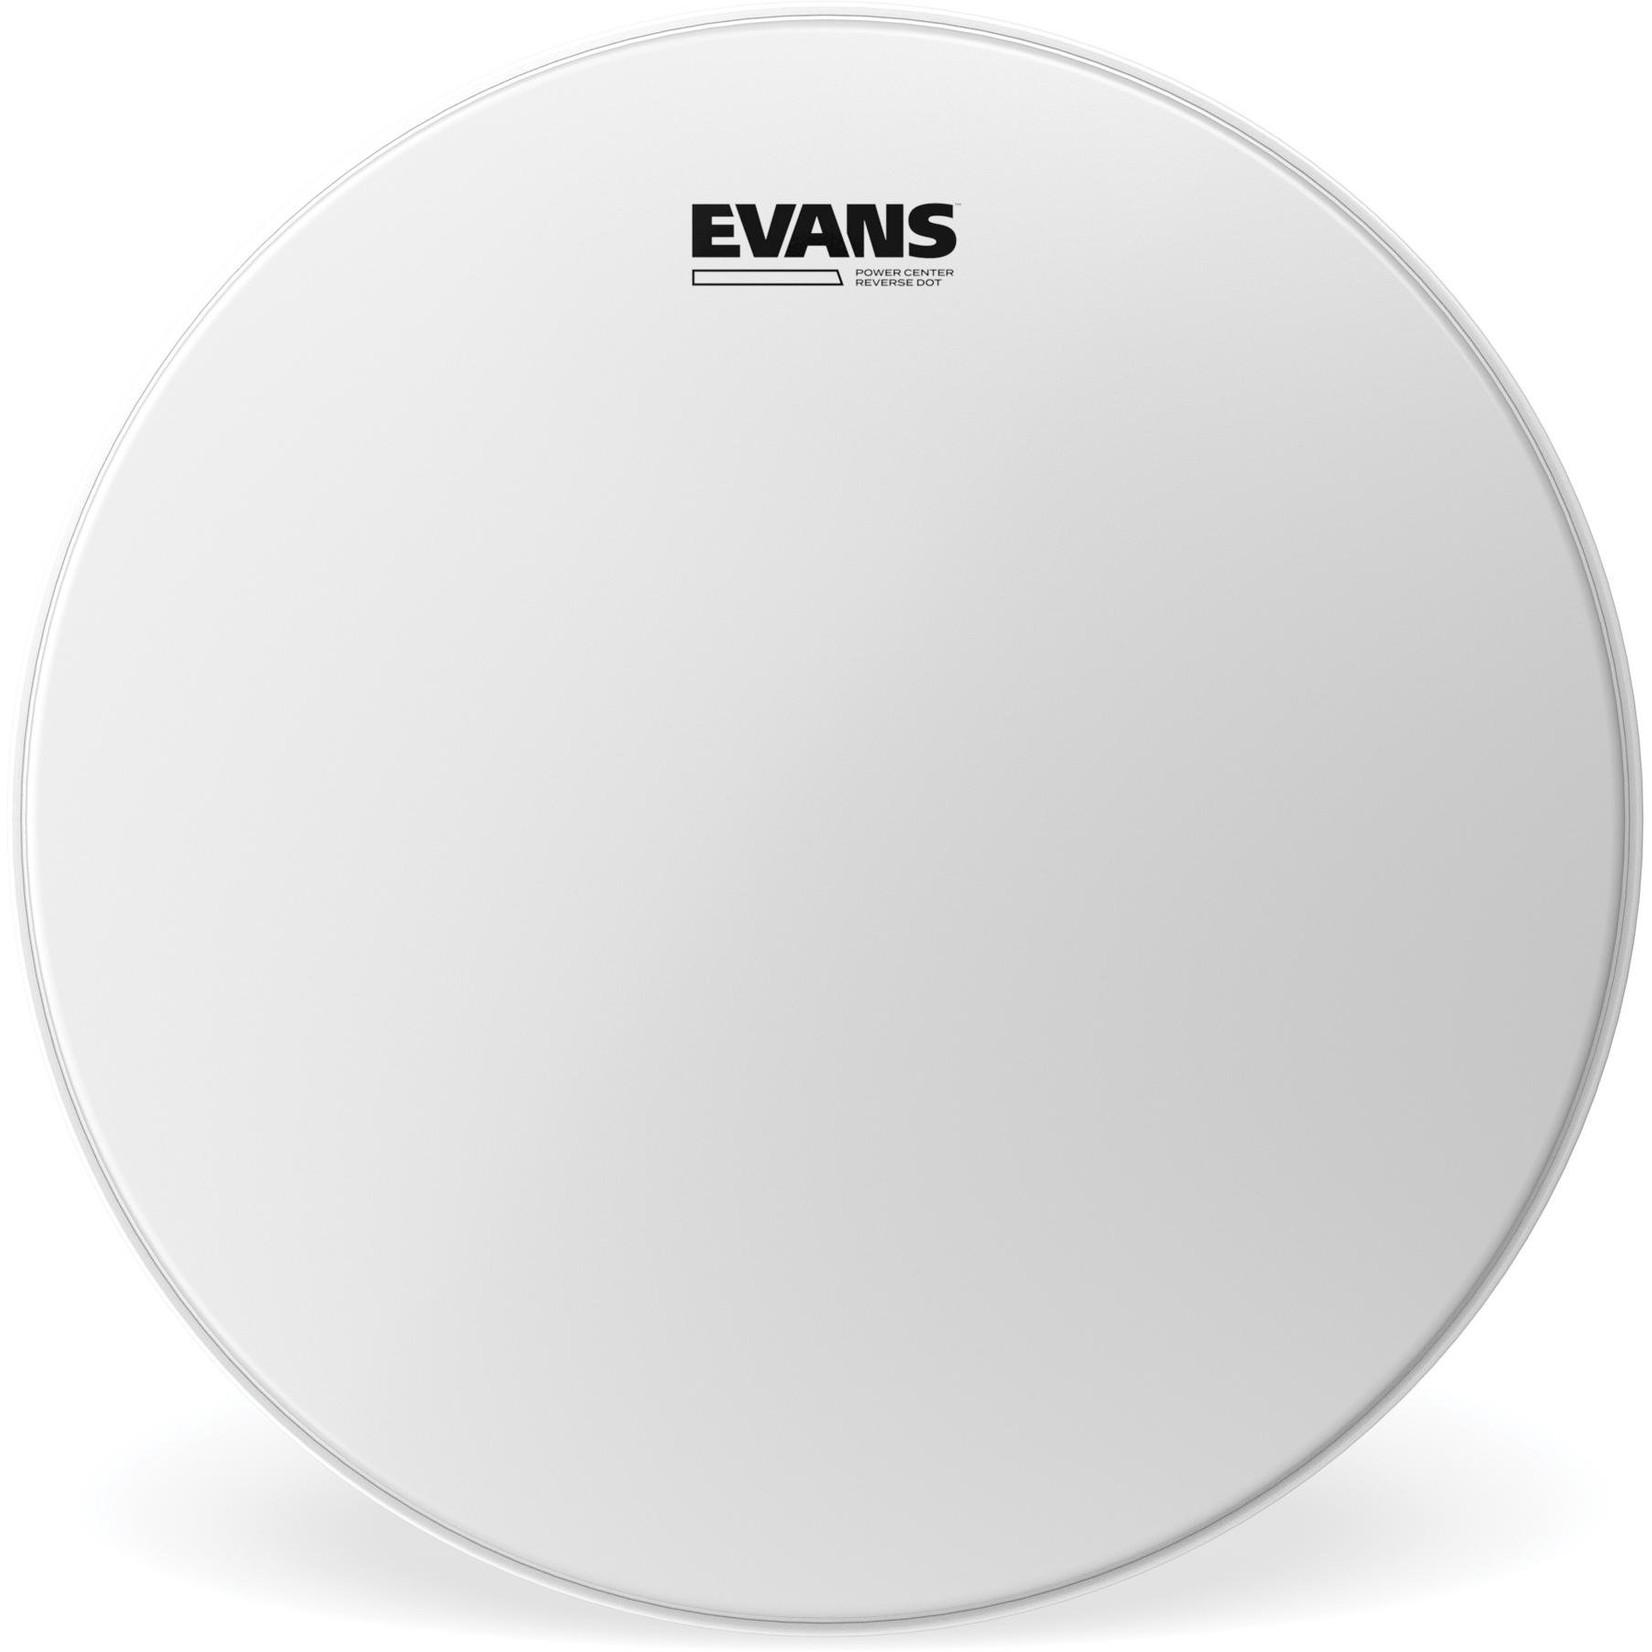 Evans Evans Coated Power Center Reverse Dot